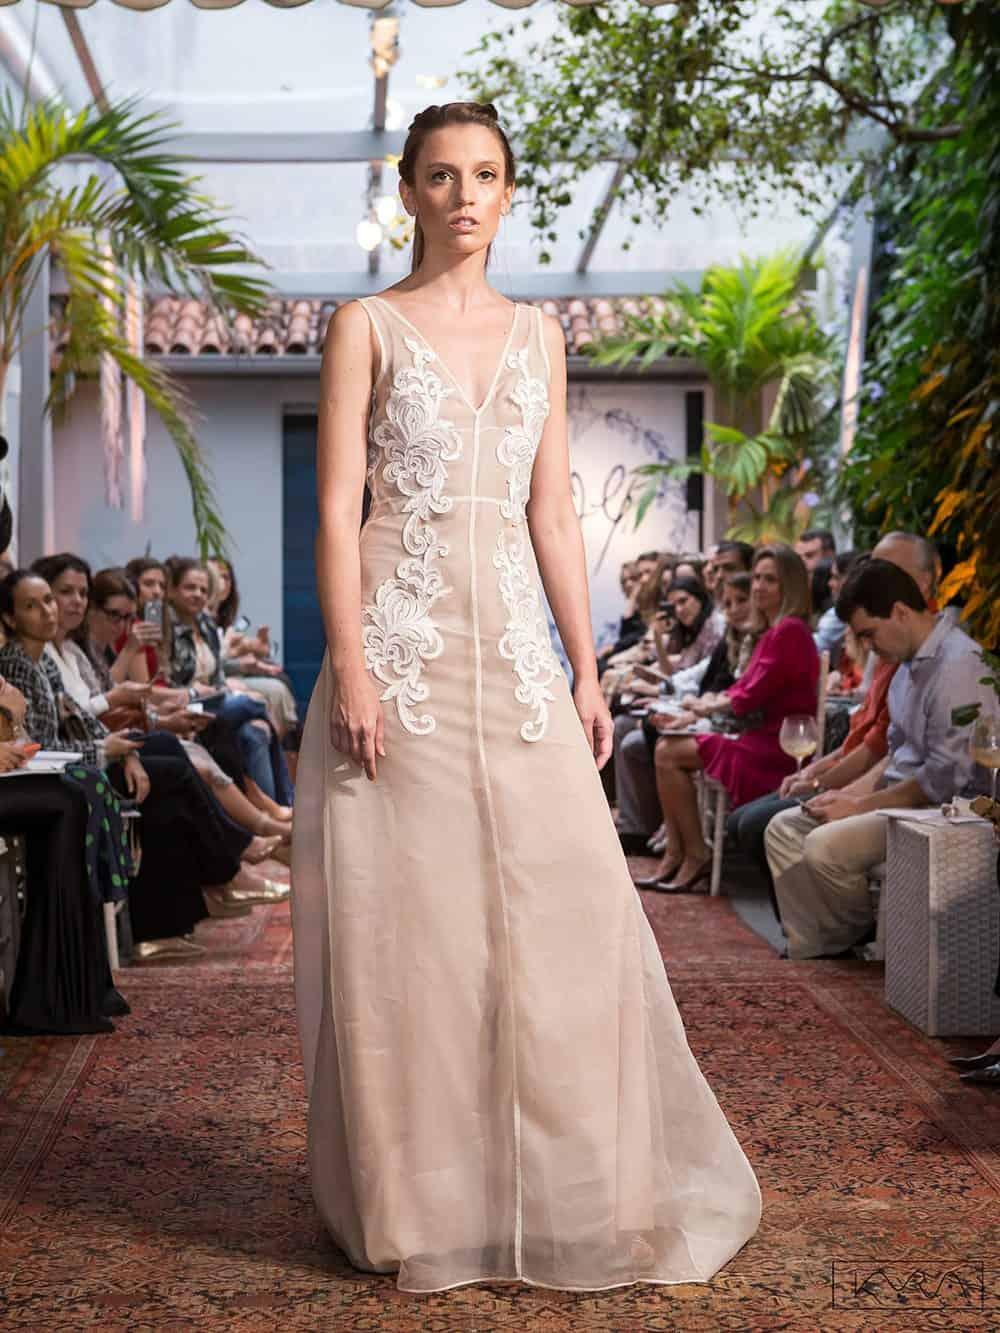 desfile-vestido-de-noiva-entardecer-julia-golldenzon-foto-kyra-mirsky-43